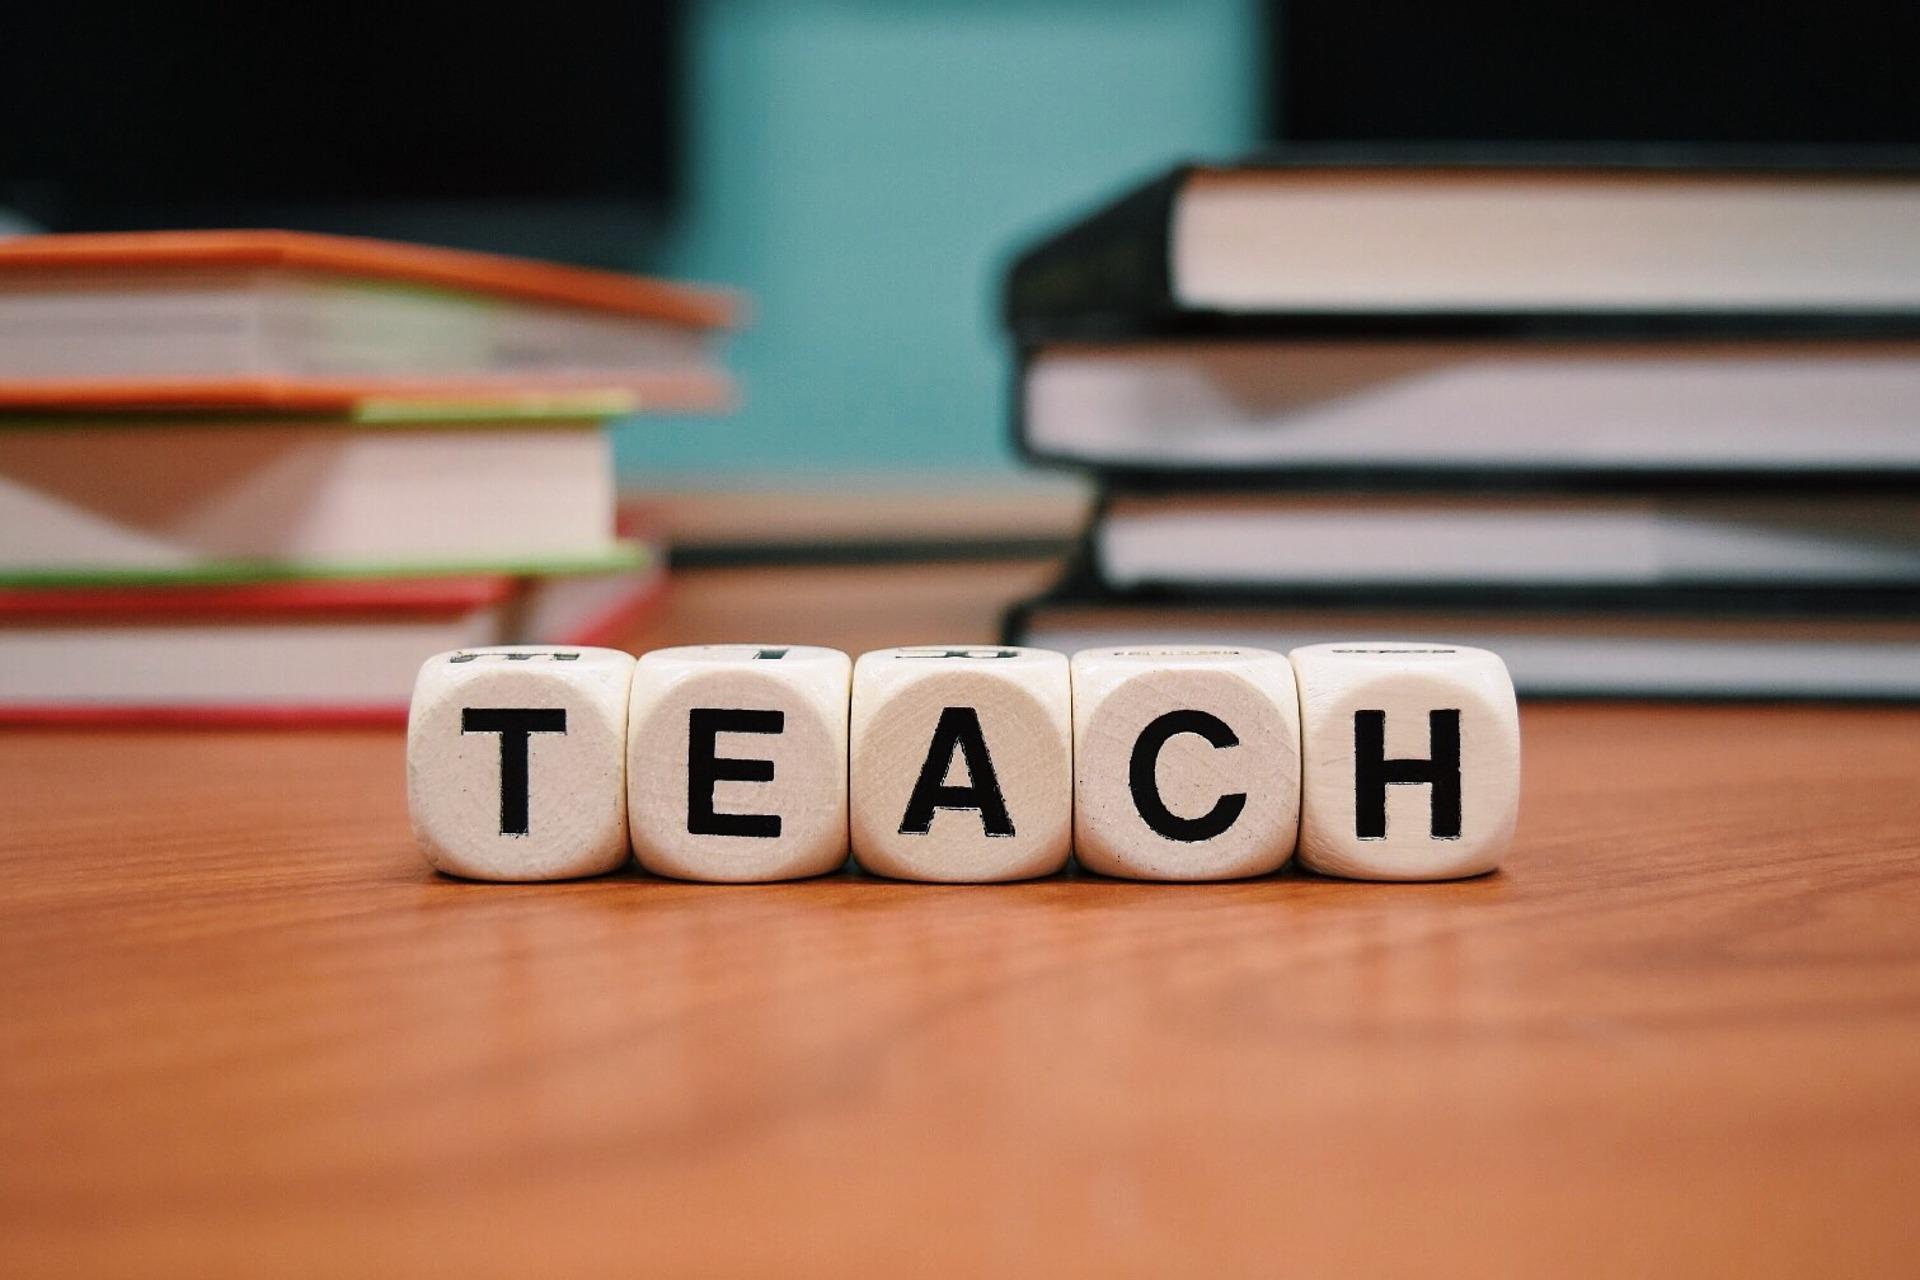 Enseigner l'anglais: où peut-on le faire au cours d'un voyage?